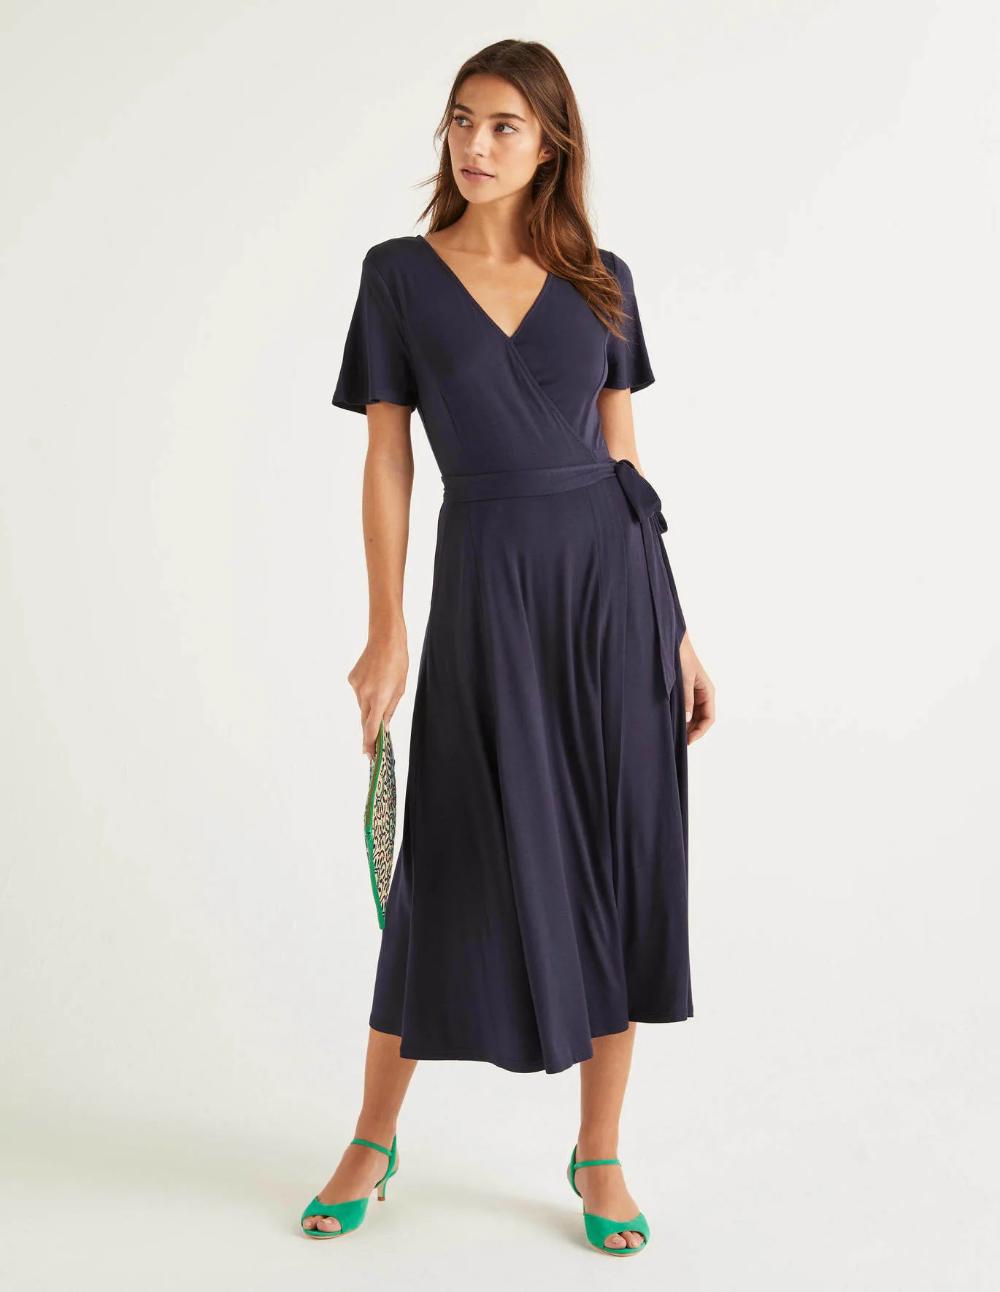 Cassia Jersey Midi Dress Navy Midi Short Sleeve Dress Empire Waist Dress Casual Stylish Midi Dress [ 1292 x 1000 Pixel ]